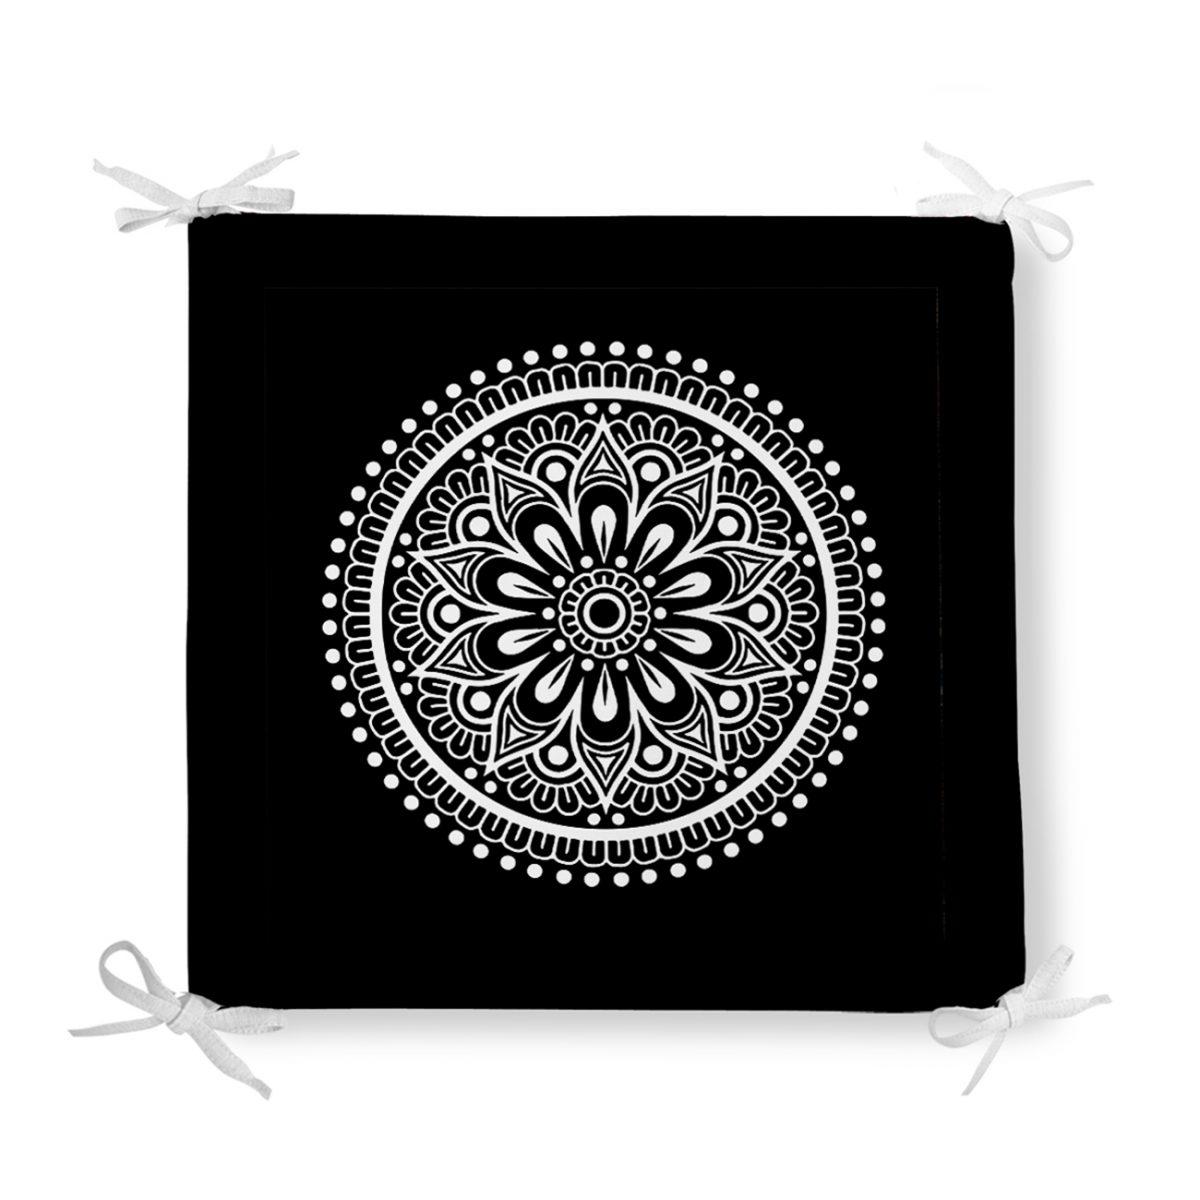 Siyah Beyaz Çiçek Desenli Mandala Motifli Fermuarlı Sandalye Minderi Realhomes